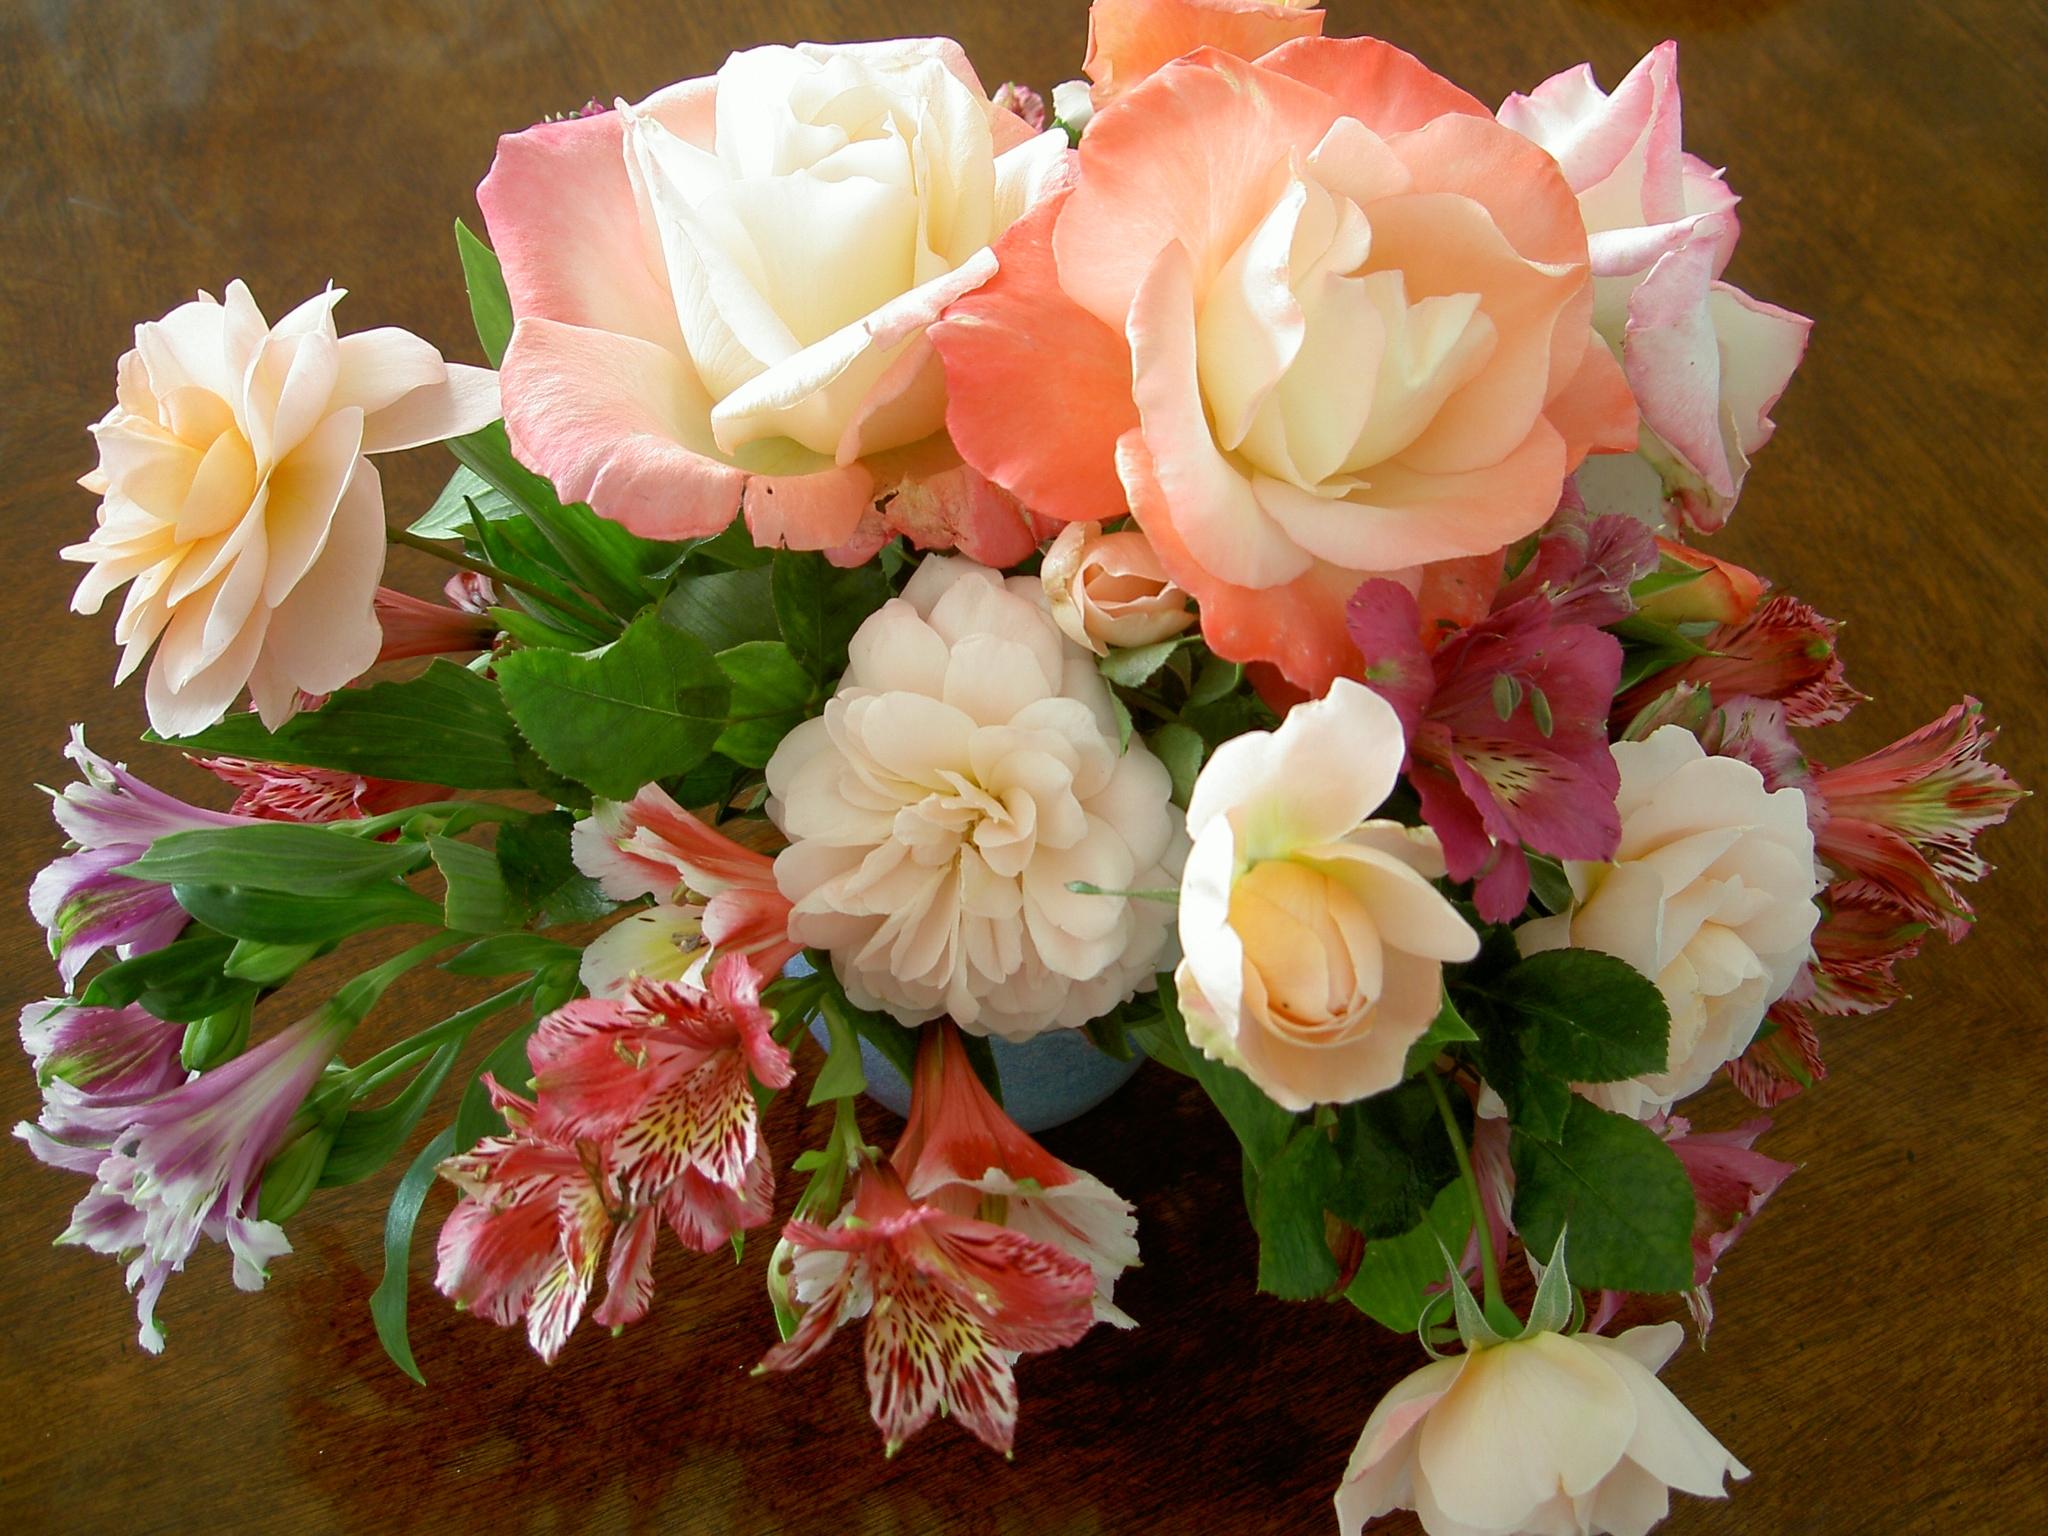 Фото красивых букетов цветов в высоком разрешении